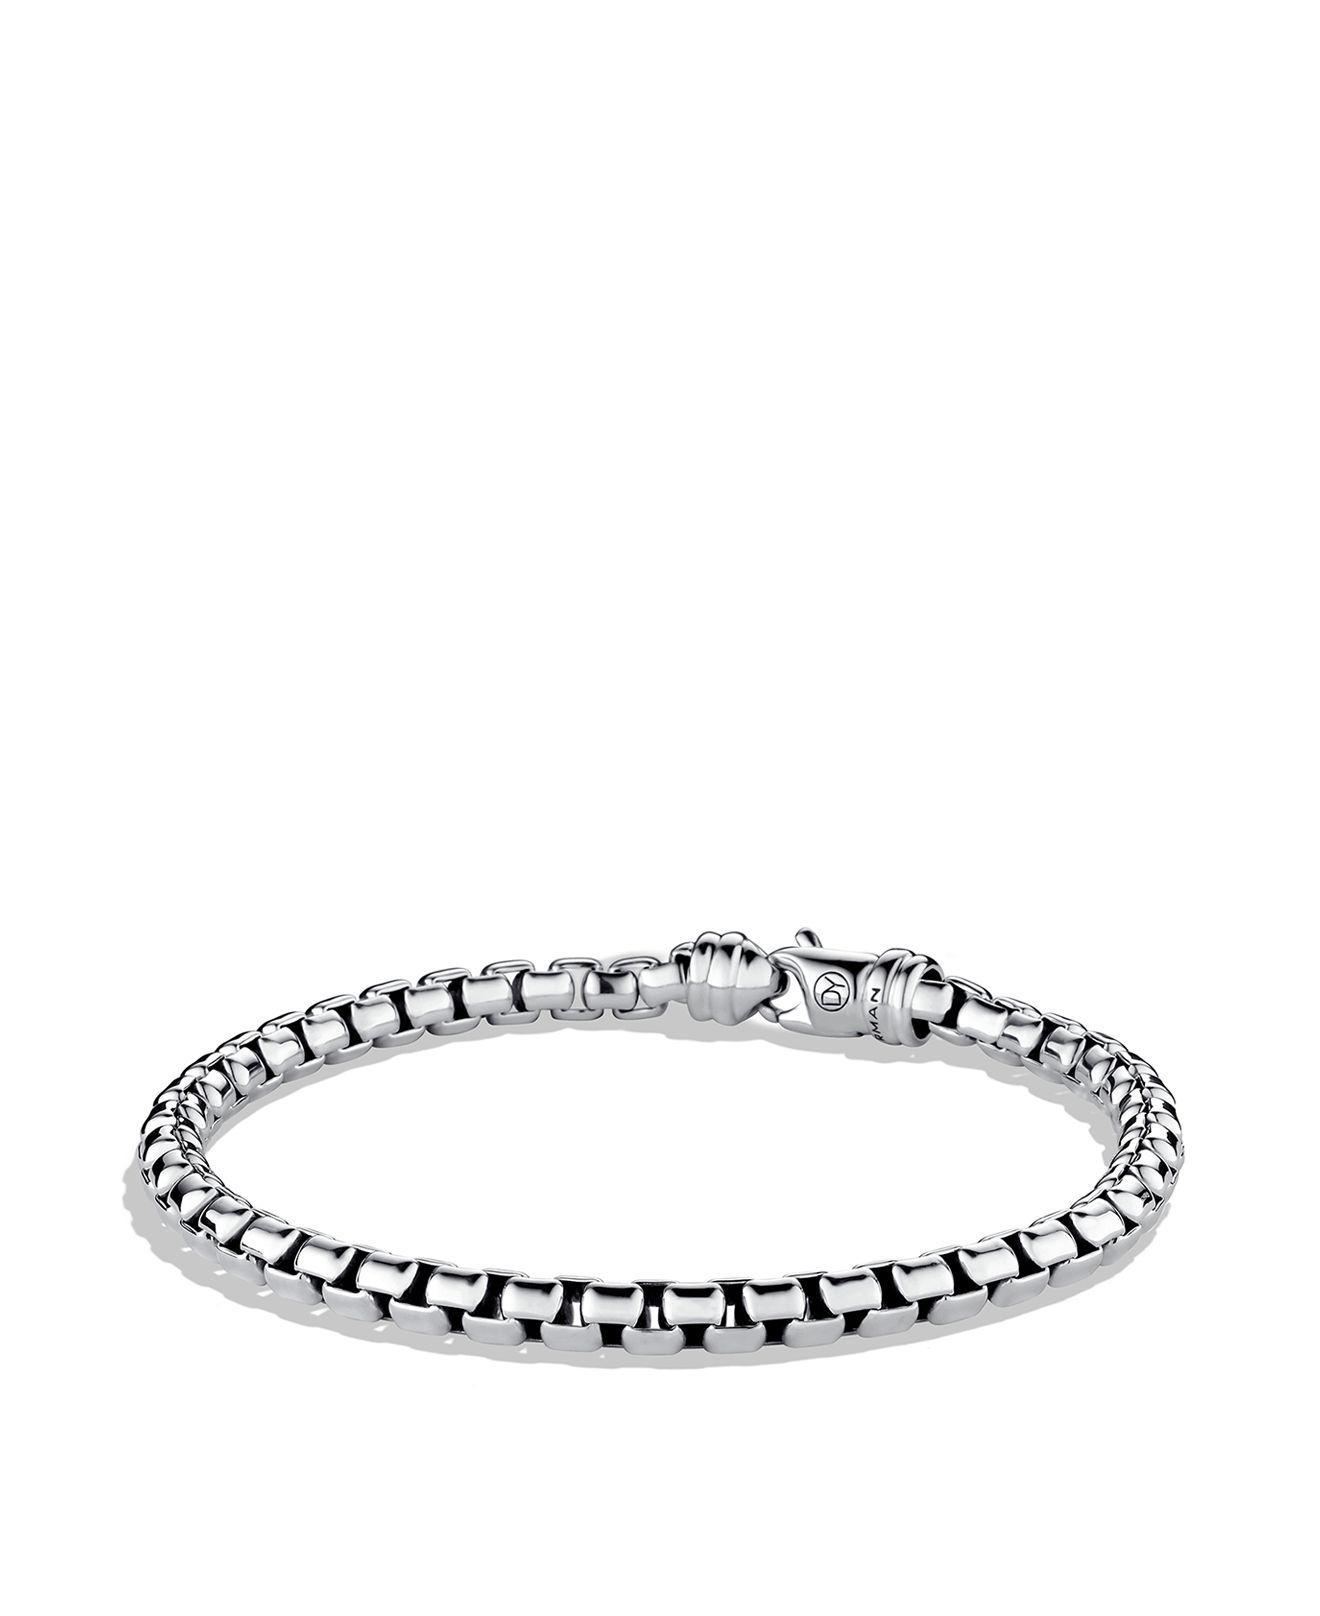 David Yurman Woven Box Chain bracelet - Metallic auH1FXQgs